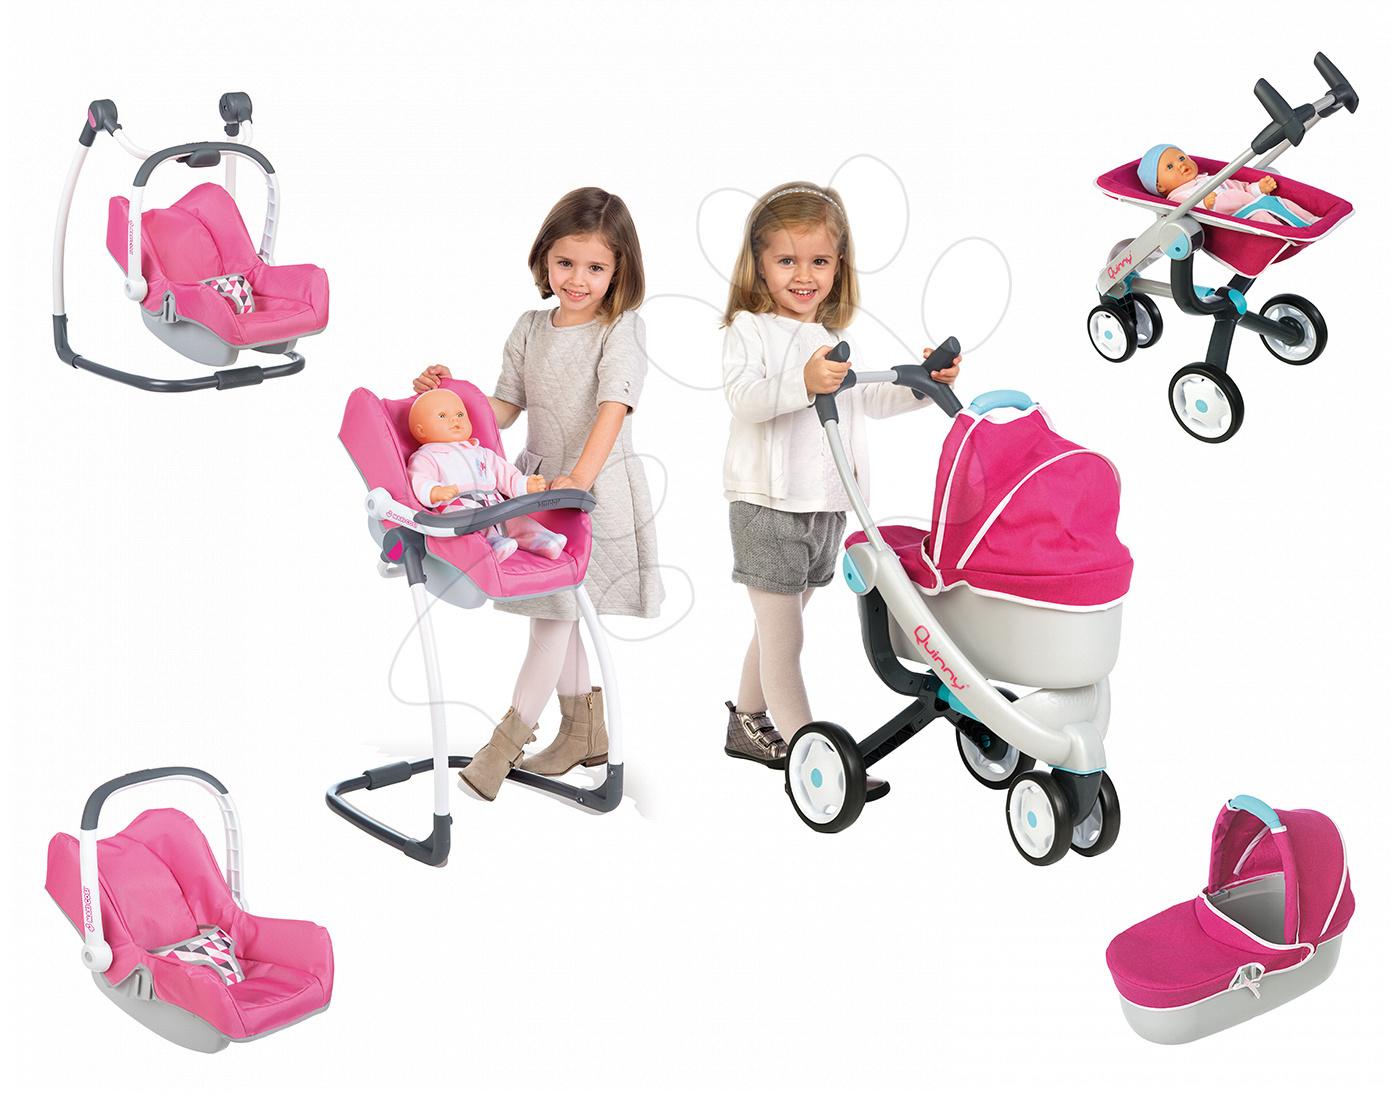 Set kočárek pro panenku Maxi Cosi & Quinny 3v1 Smoby (70 cm ručka) a sada židle, autosedačka a houpačka 3v1